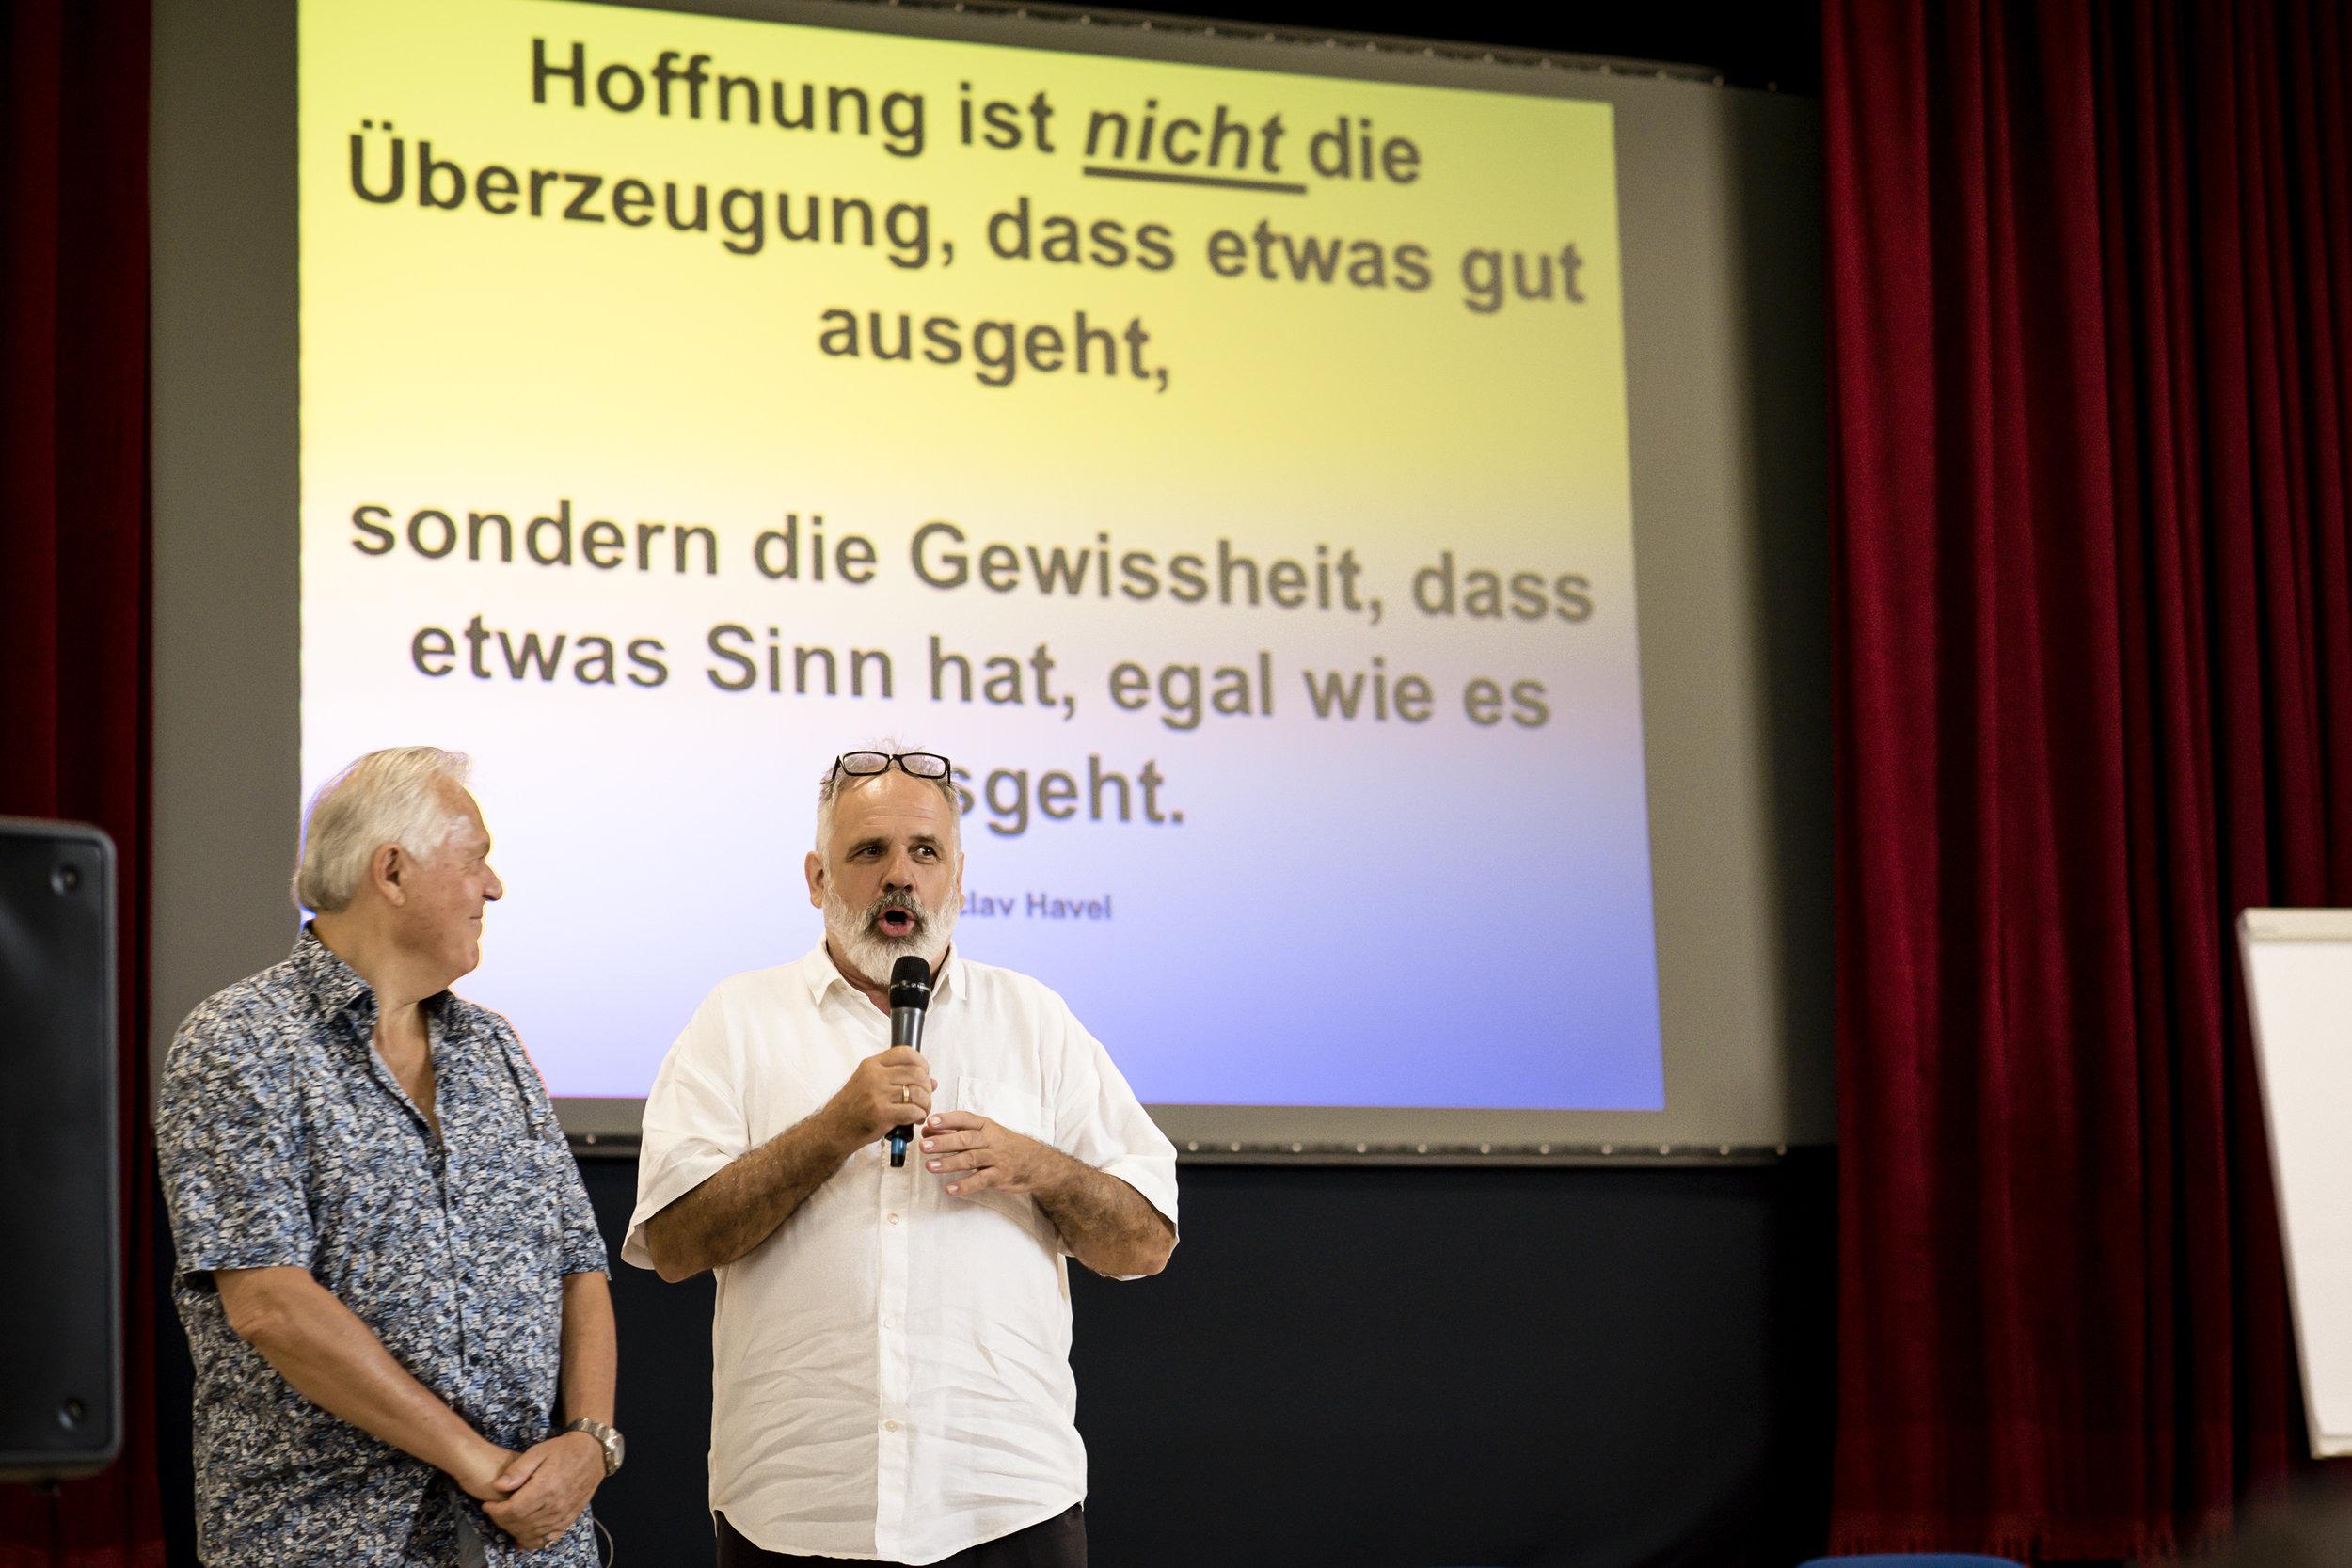 (v.l.n.r.) Dr. Gunther Schmidt, Dr. Philip Streit